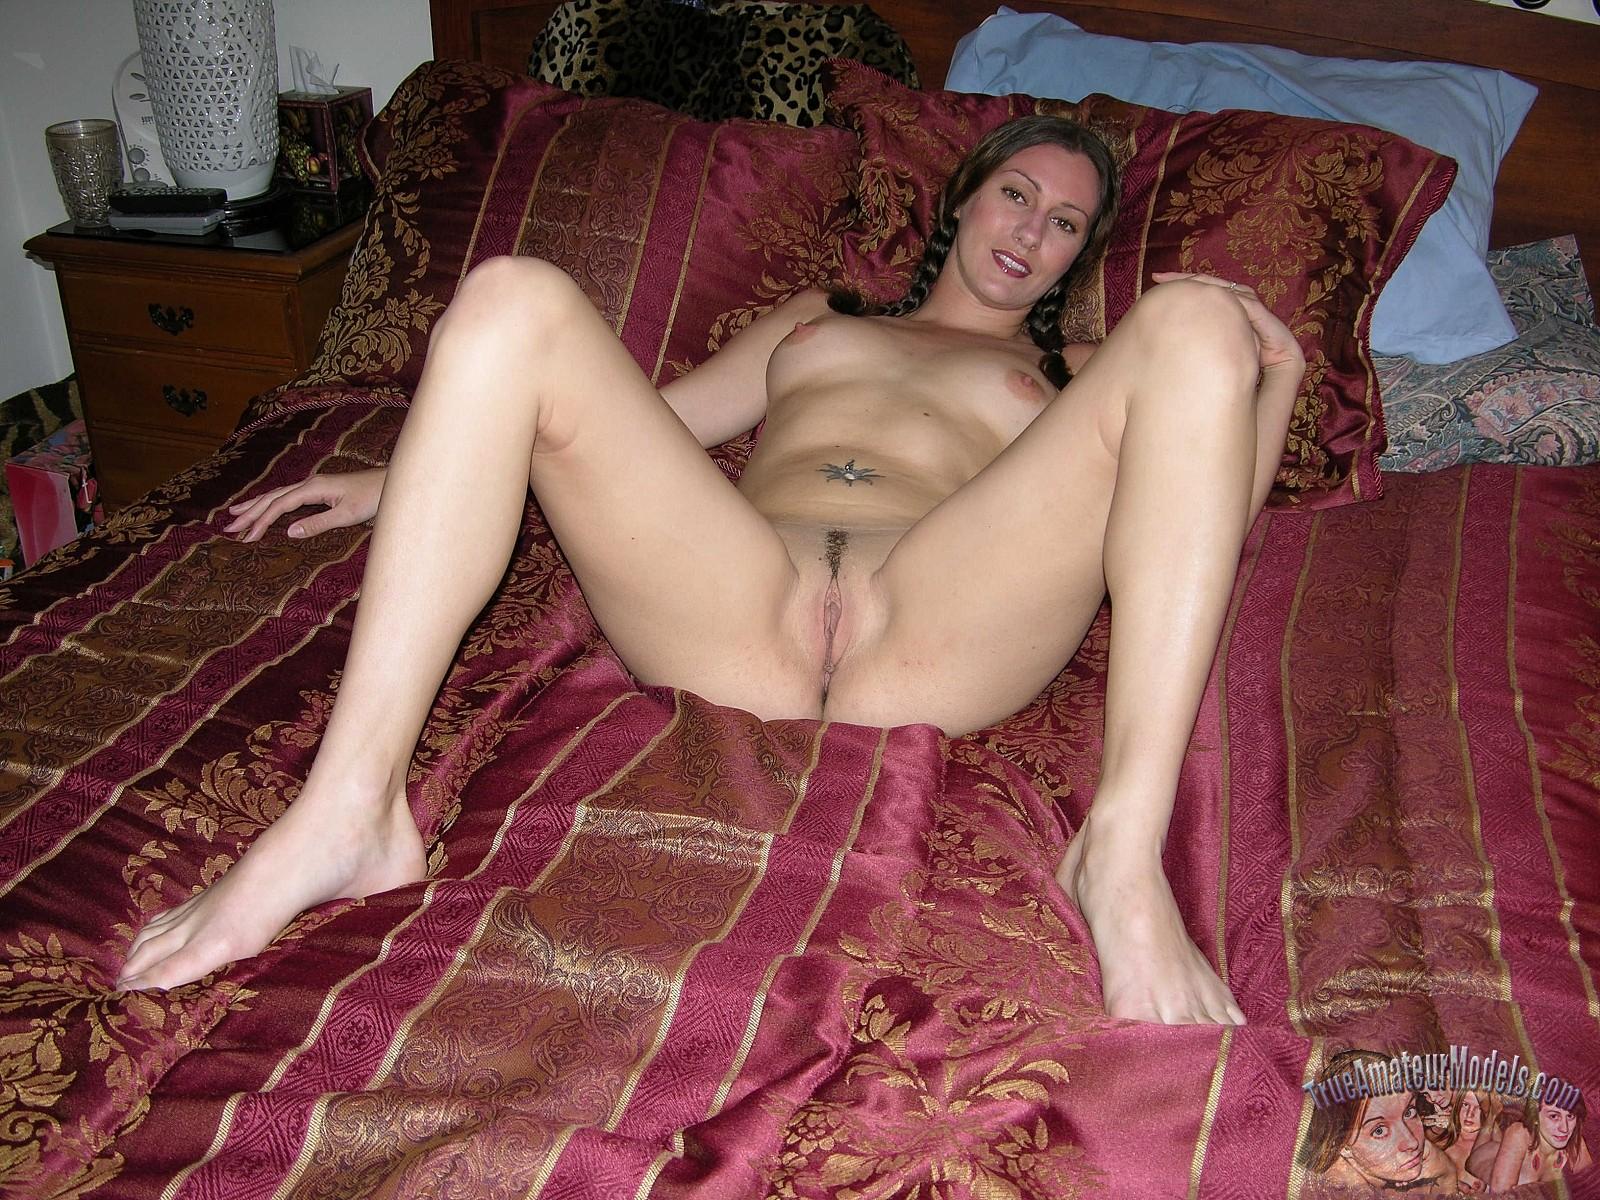 Hot naked white women